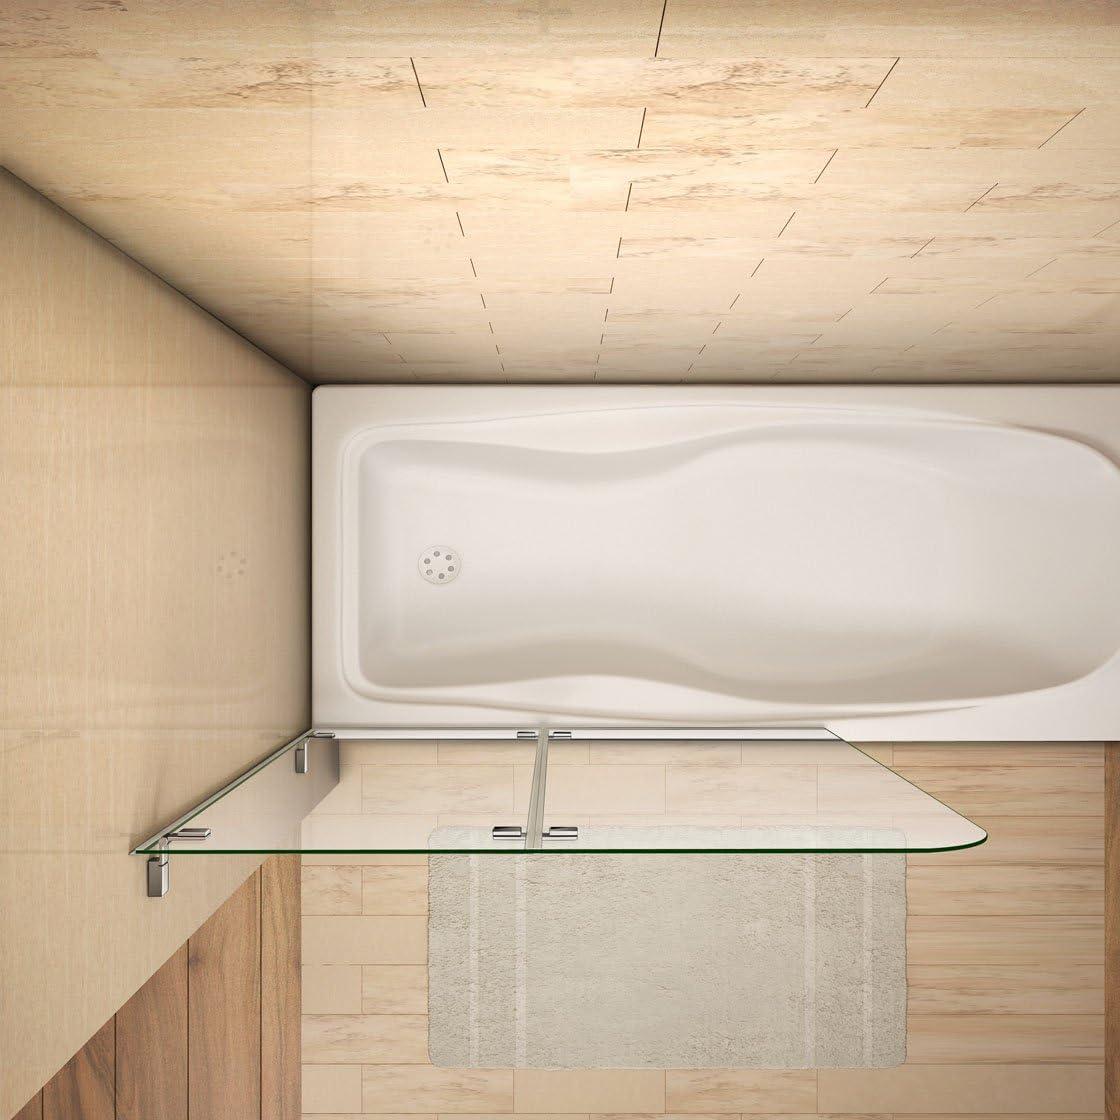 100x140cm Mamparas/pantalla para bañera biombo baño plegable de Aica: Amazon.es: Bricolaje y herramientas